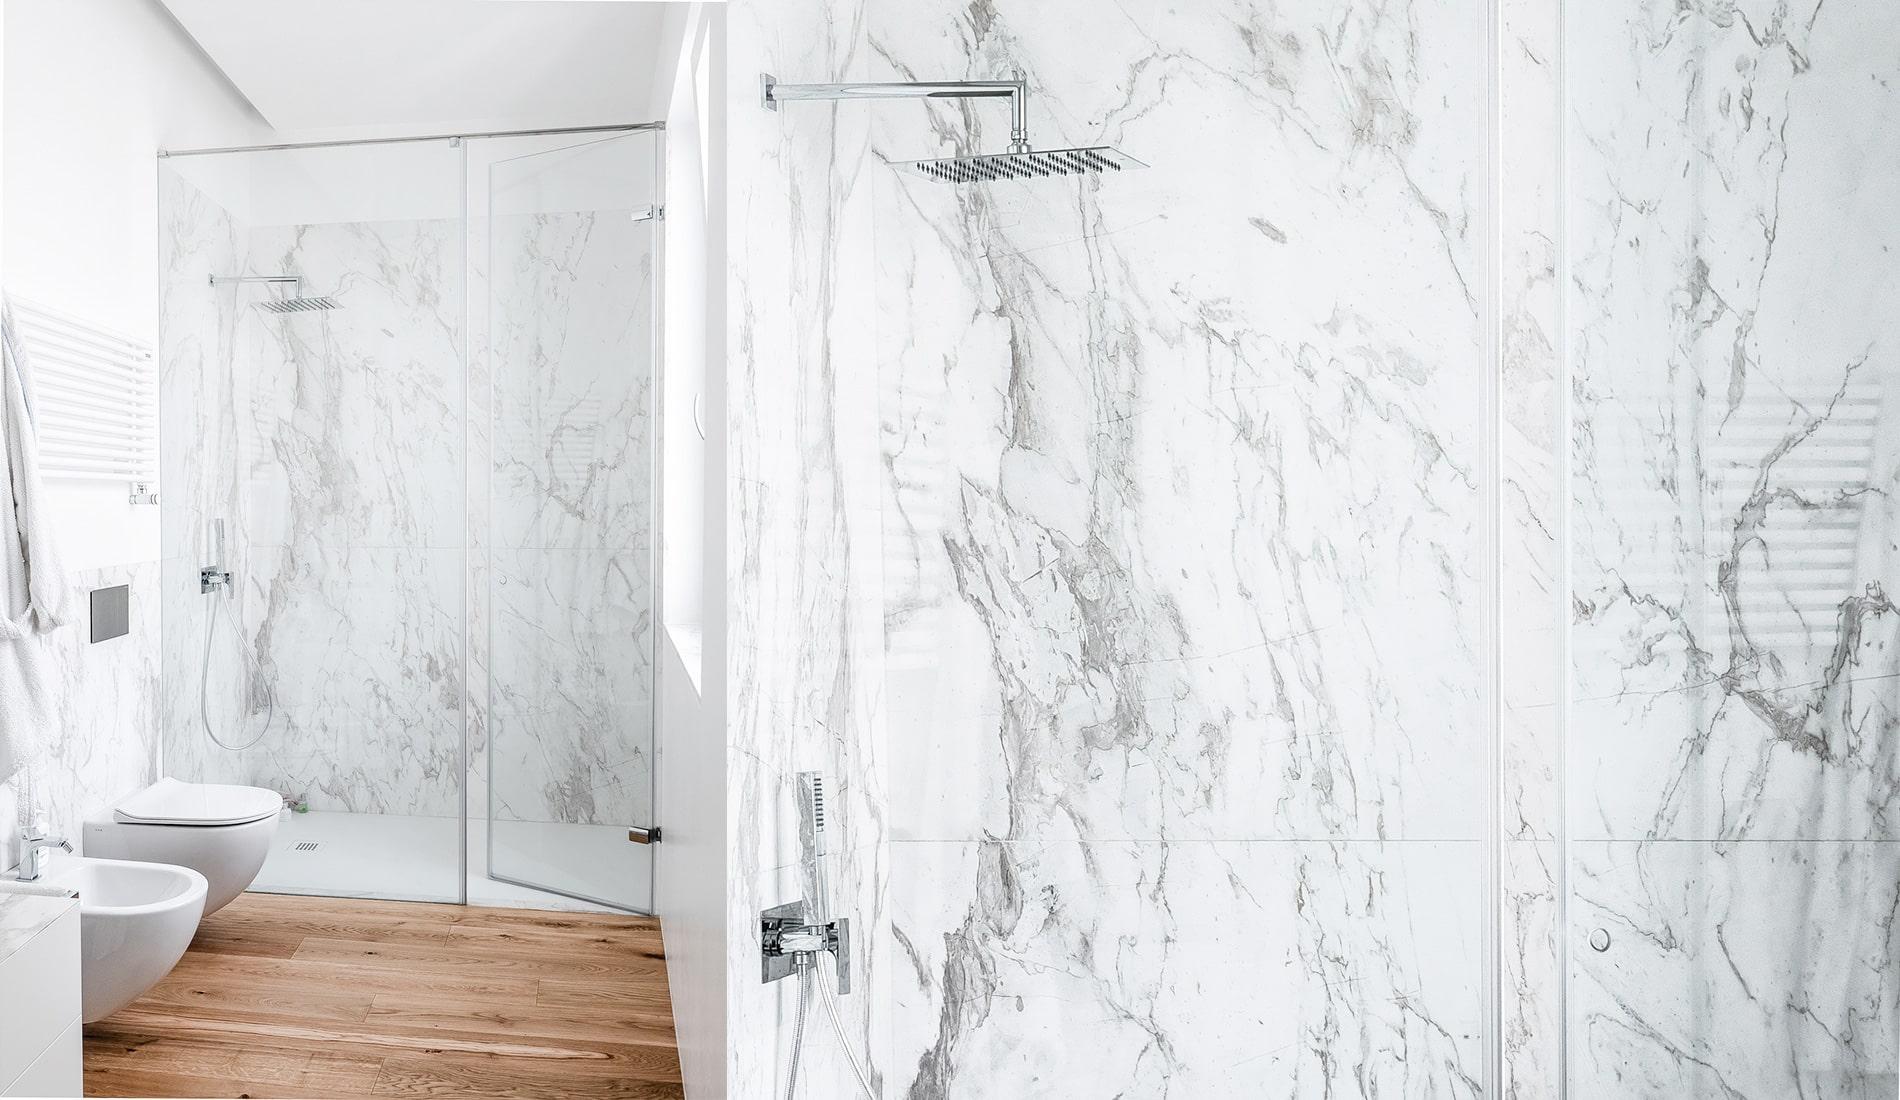 marmi-strada-bagni-in-marmo-naturale-lavelli-vasche-docce-rivestimenti-3